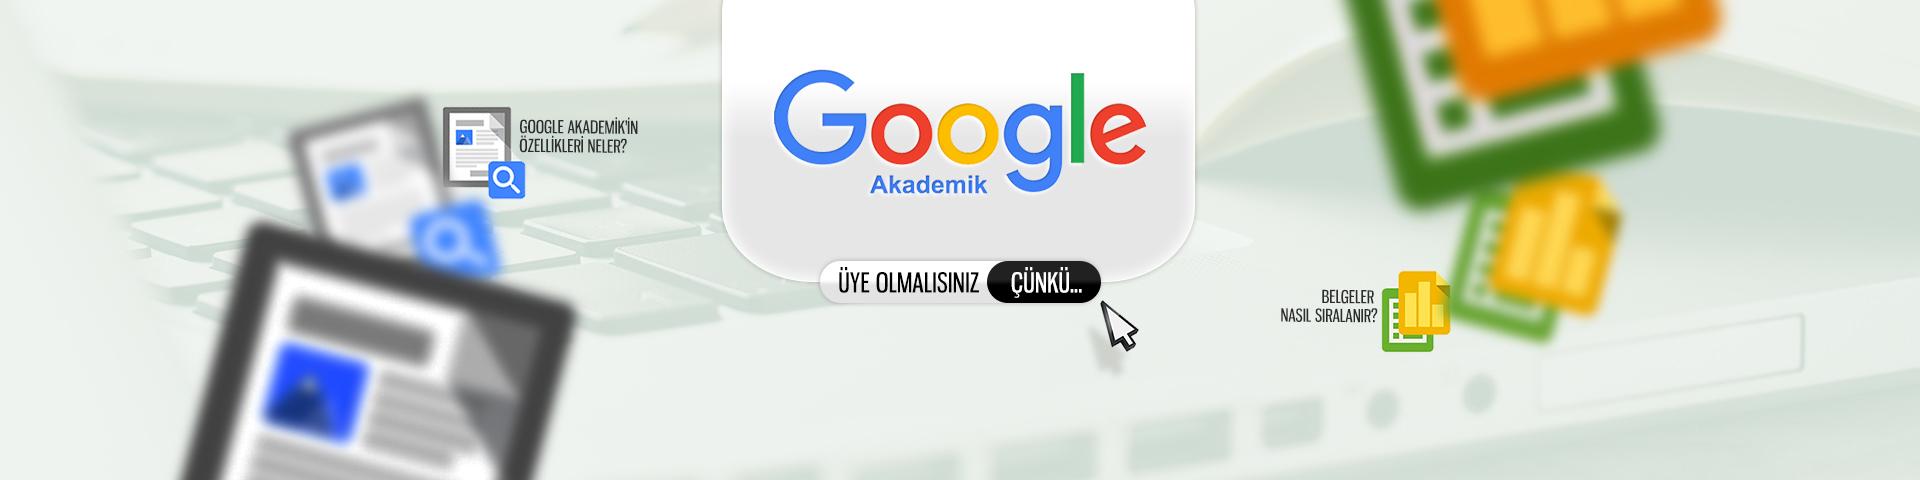 Google Akademik'e Nasıl Üye Olursunuz?